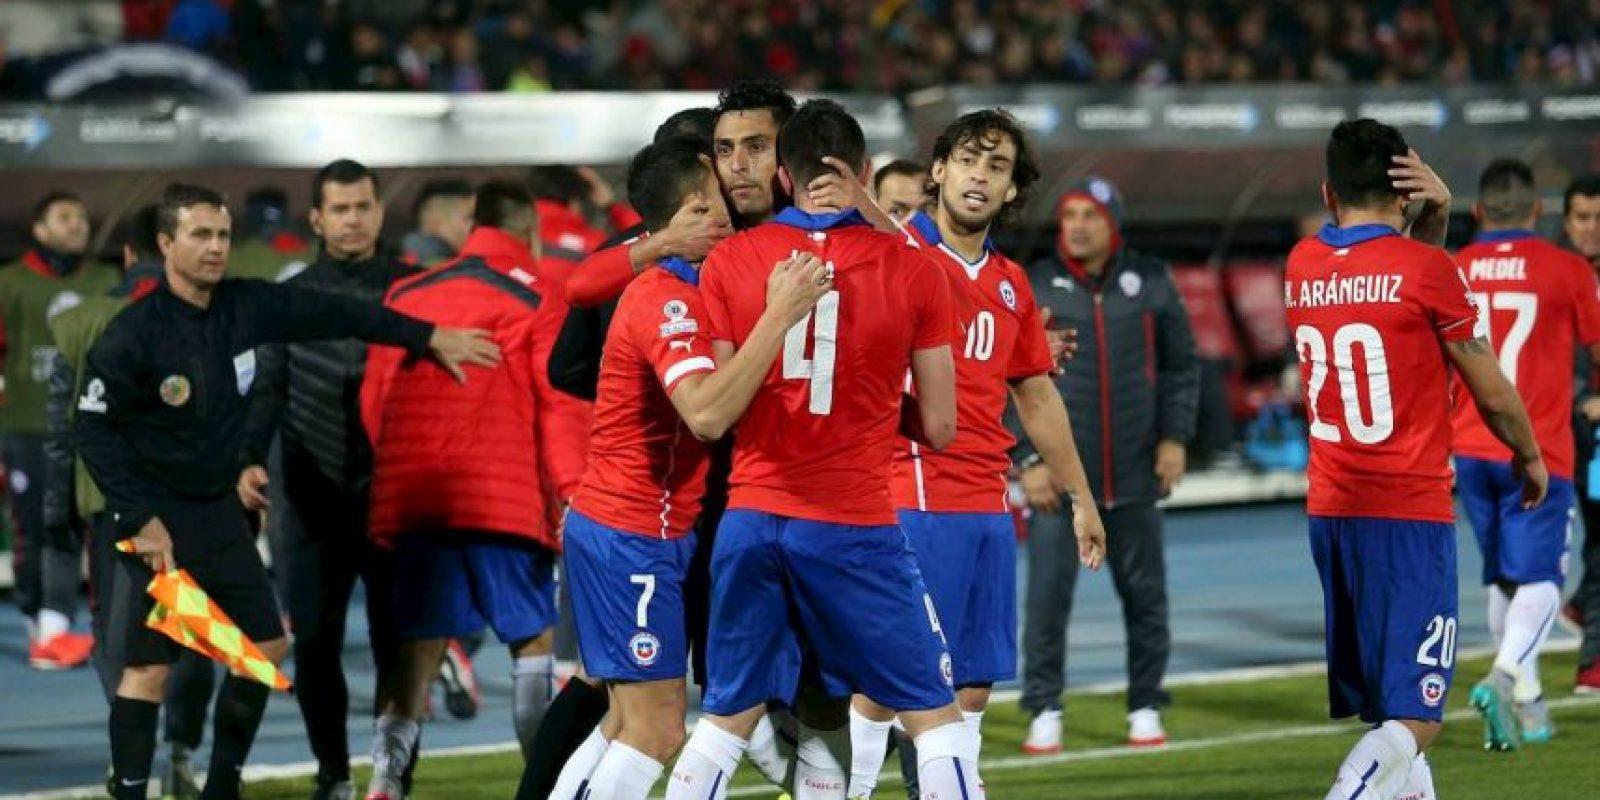 """En posesión de balón gana Chile. La """"Roja"""" tiene un promedio de 70.01%, en gran parte, gracias al partido que dio ante Uruguay. Foto:Vía facebook.com/seleccionchilena"""